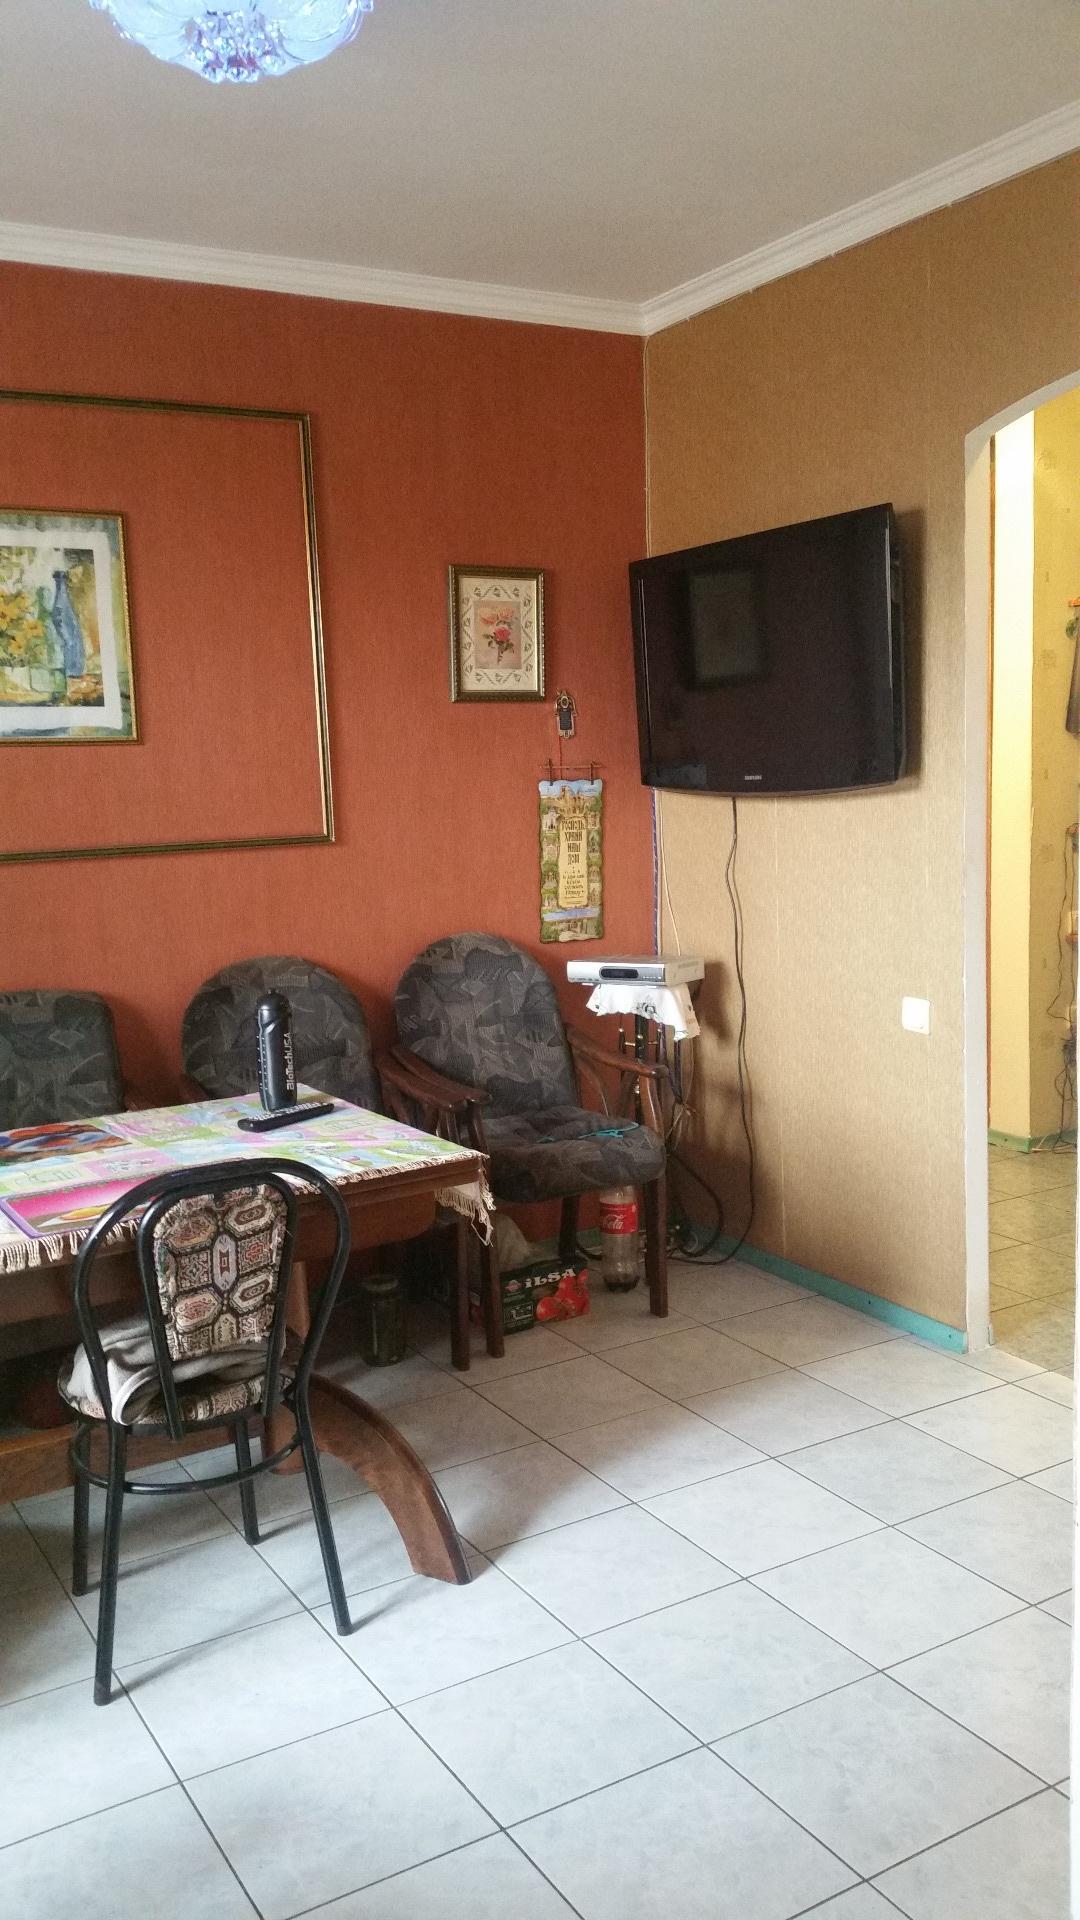 Продается 4-комнатная Квартира на ул. Королева Ак. — 65 000 у.е. (фото №7)